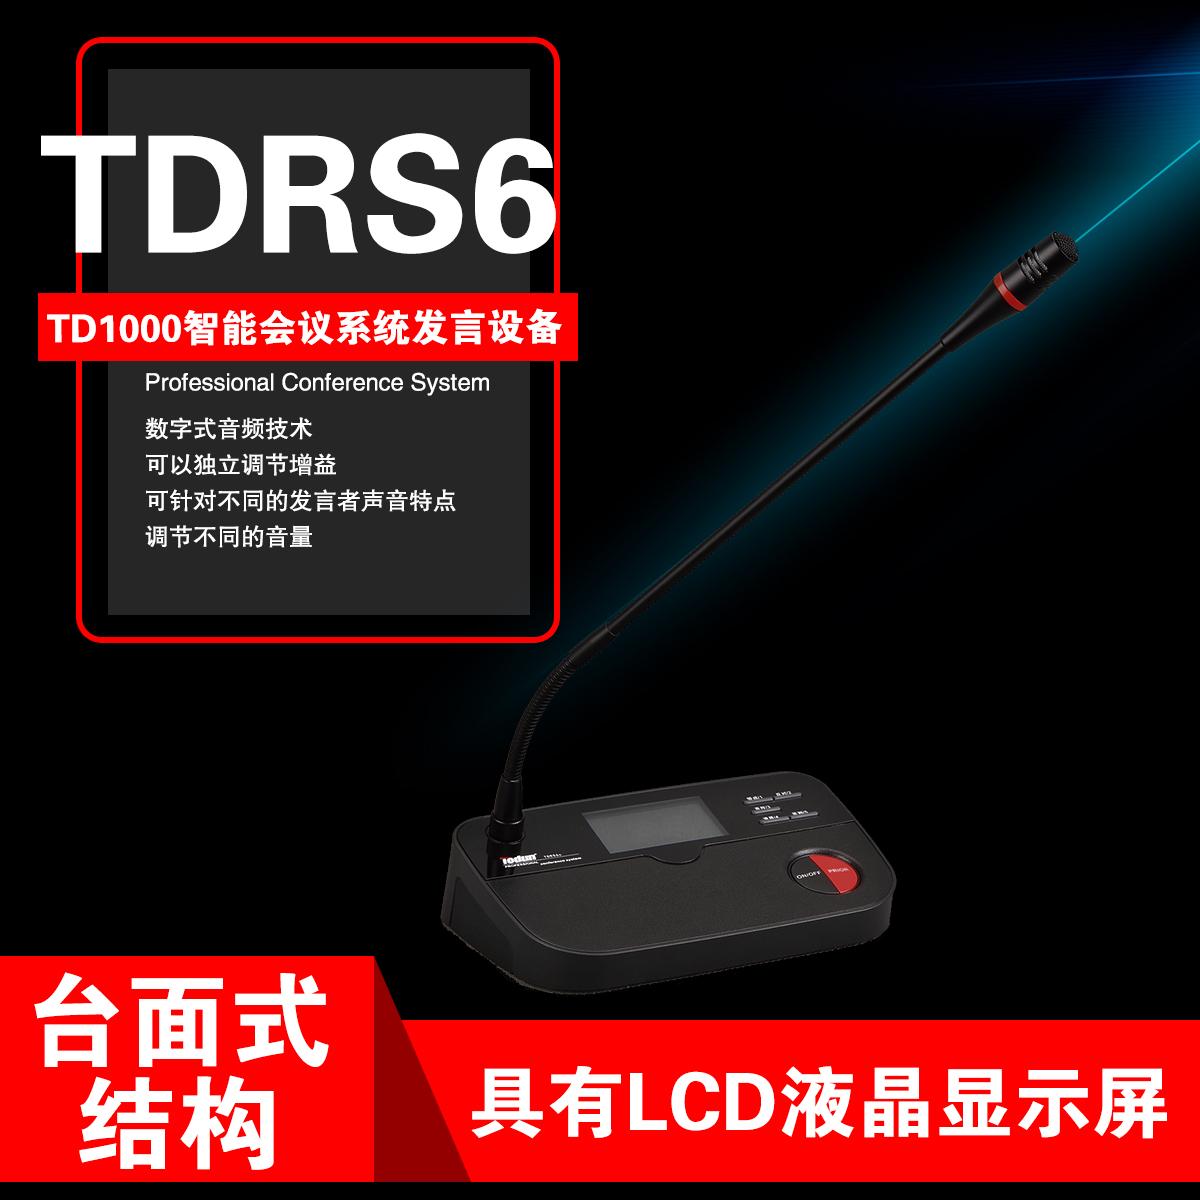 多功能讨论视像表决会议系统TD1000 会议话筒列席单元TDRS6